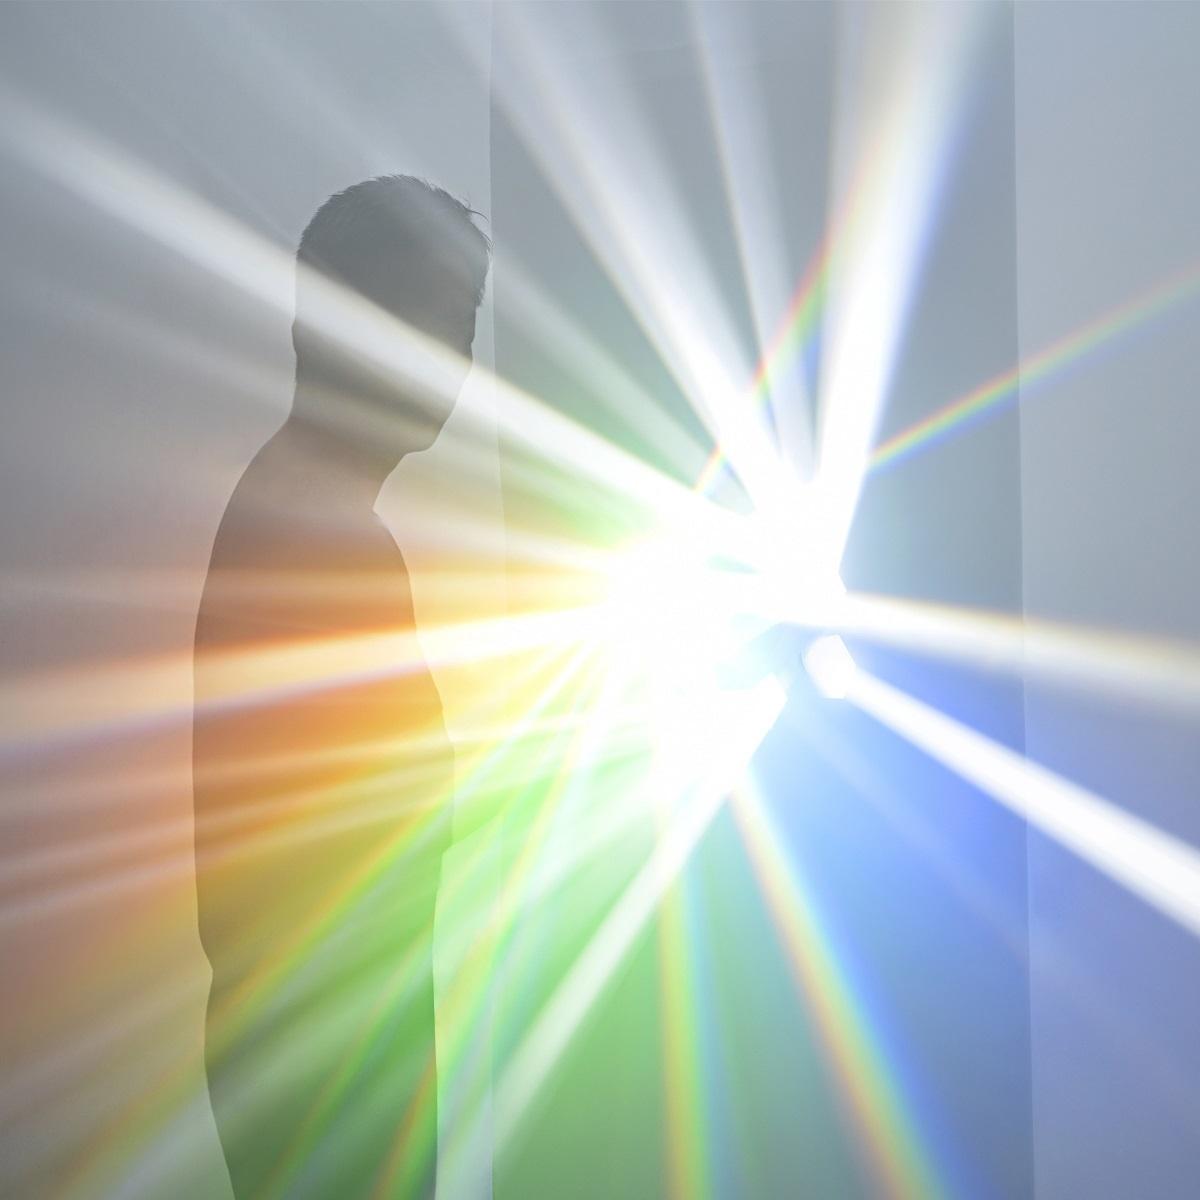 『吉岡徳仁 スペクトル ― プリズムから放たれる虹の光線』